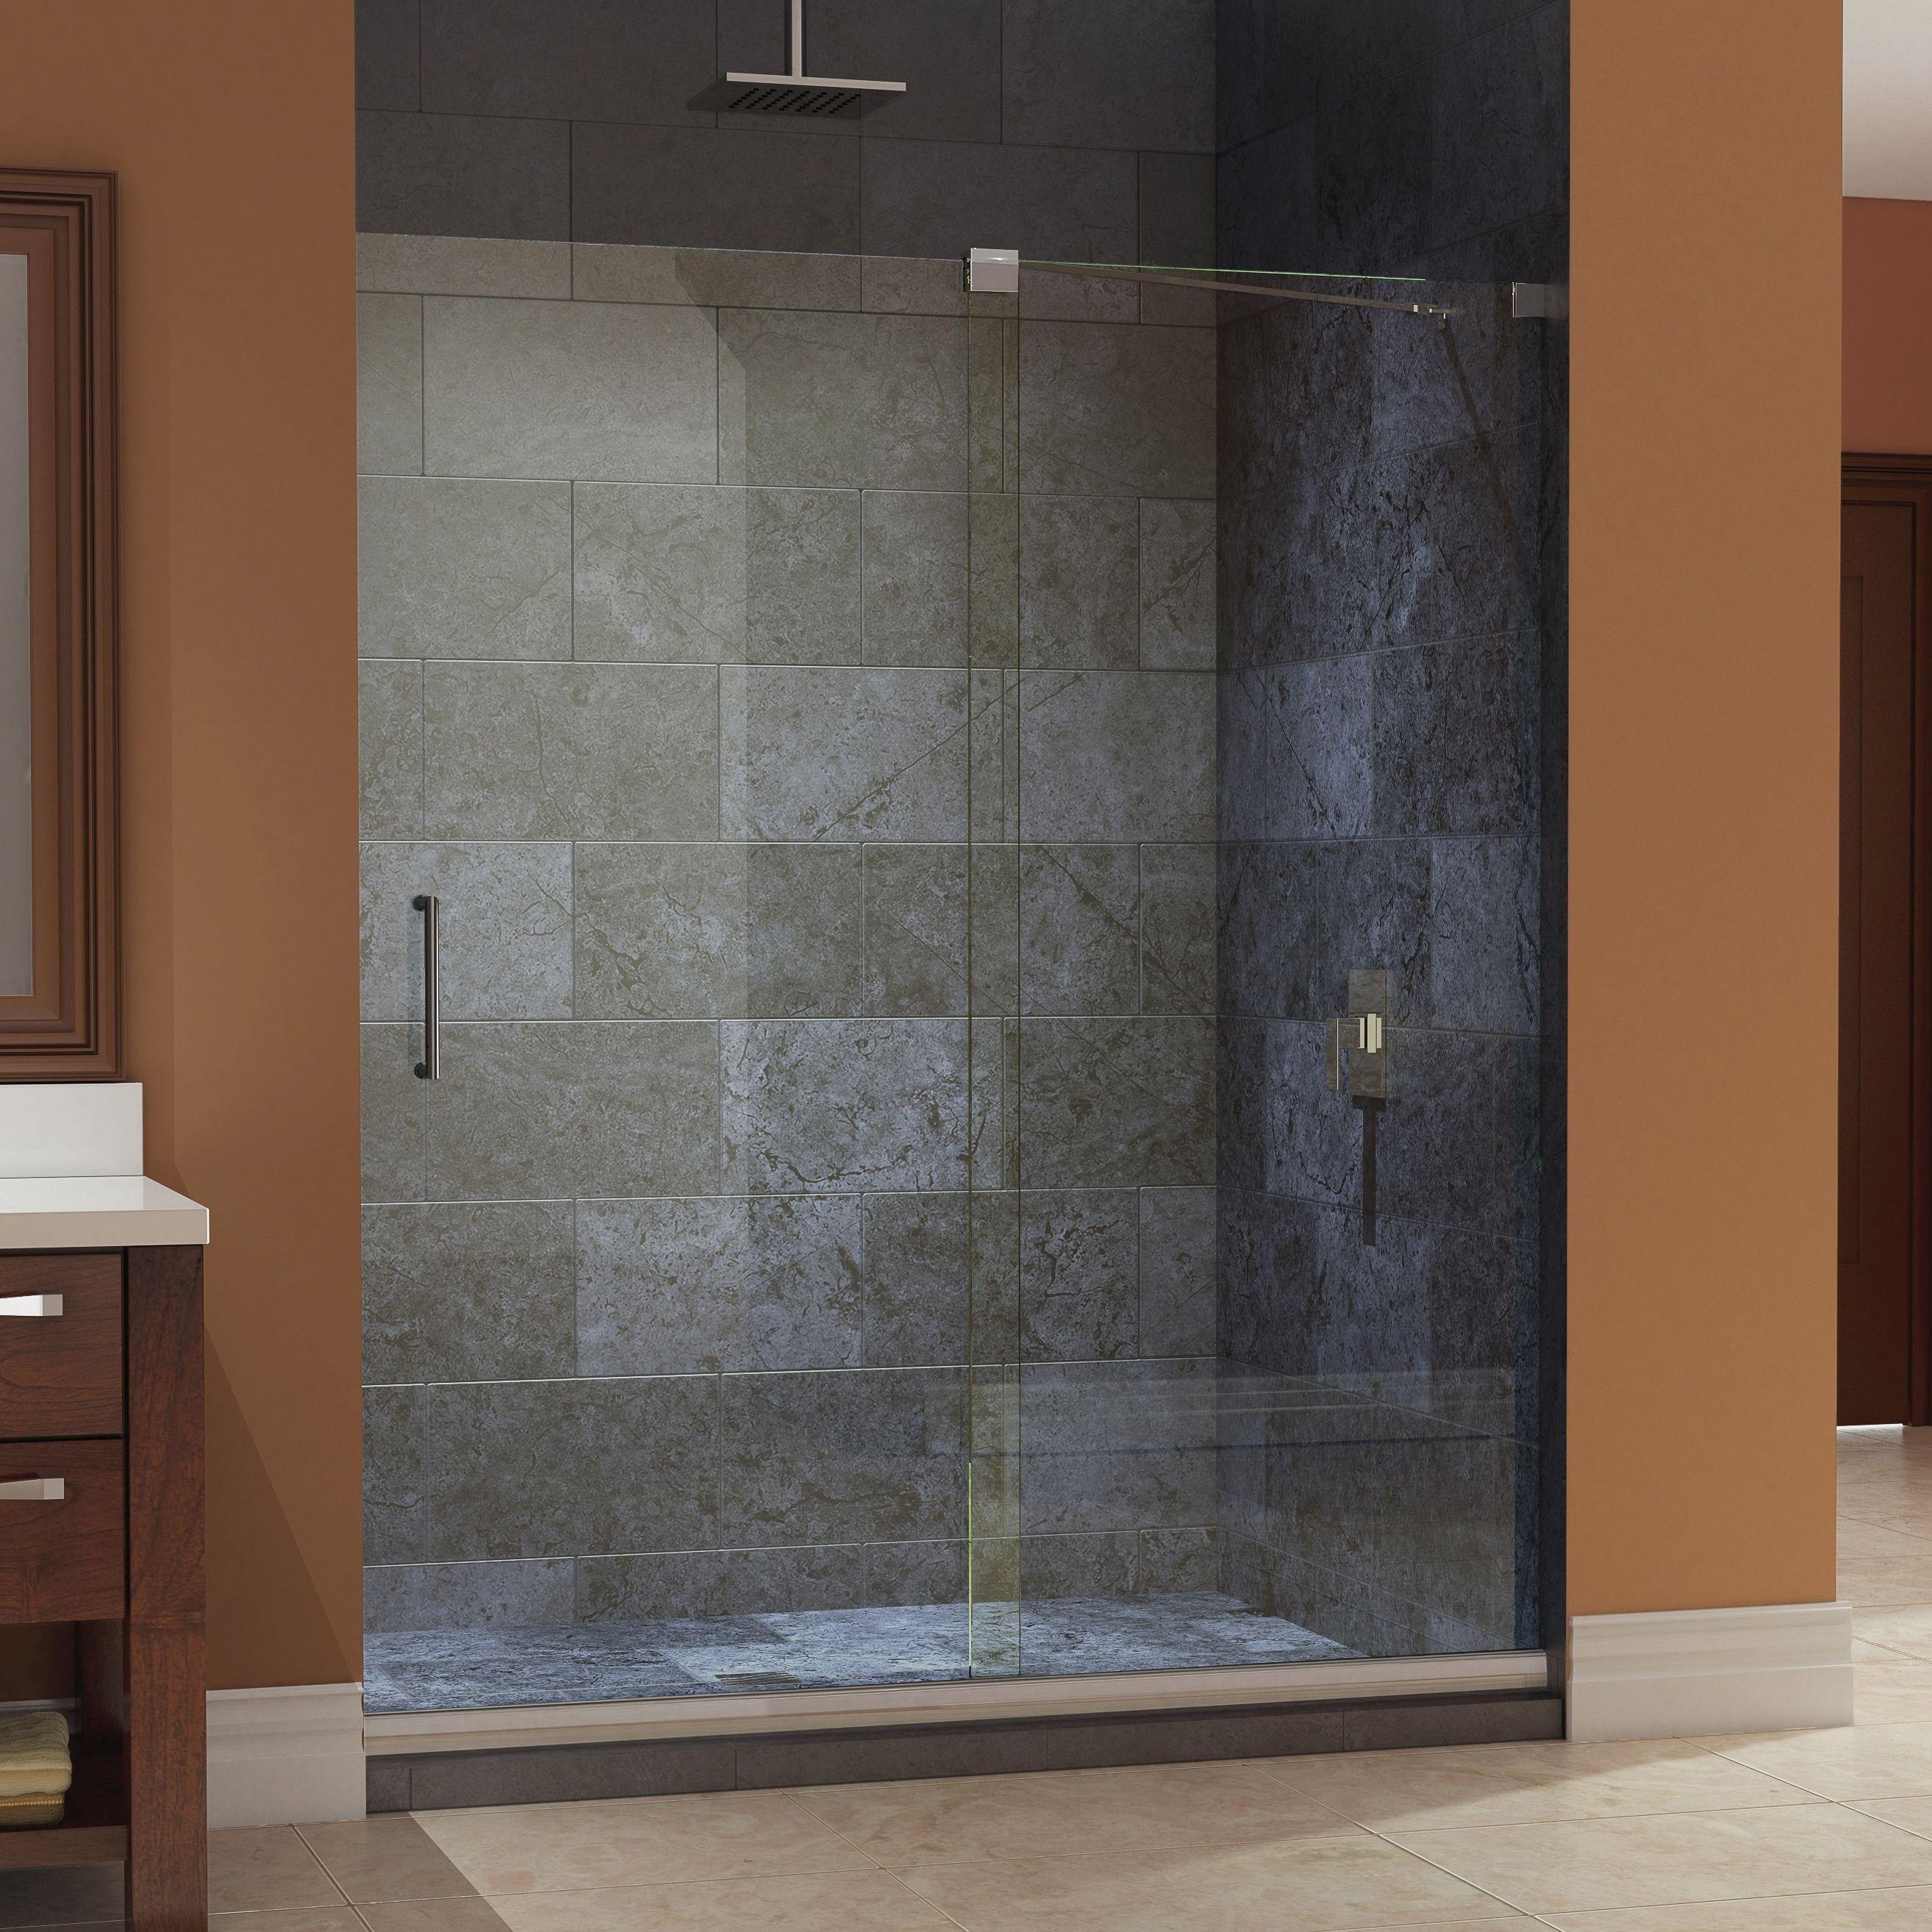 dreamline mirage frameless sliding shower door and slimline 36 x 48inch single threshold shower